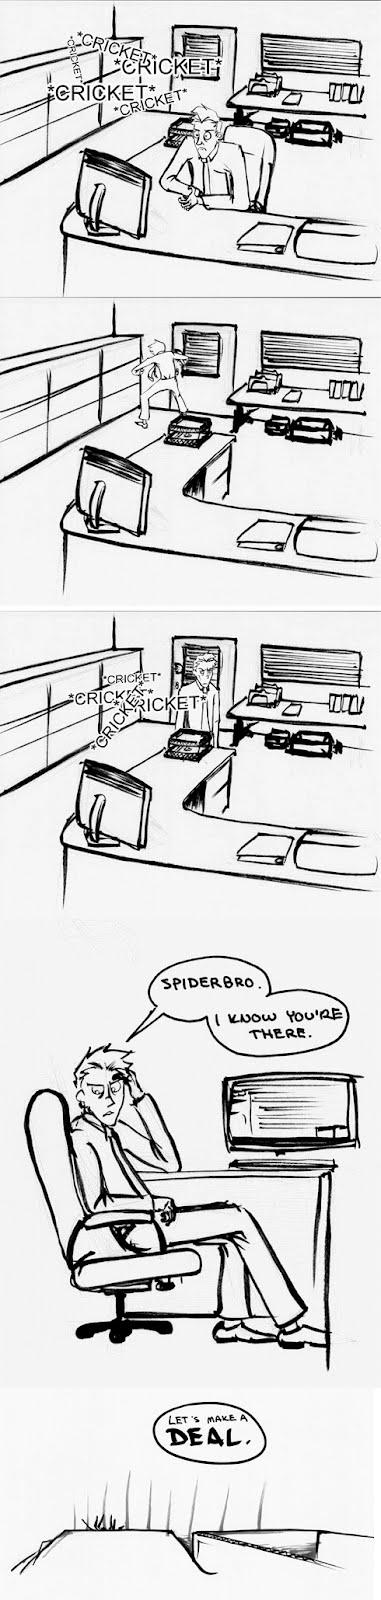 image nov012012-spiderbro-pt1-01-med-jpg